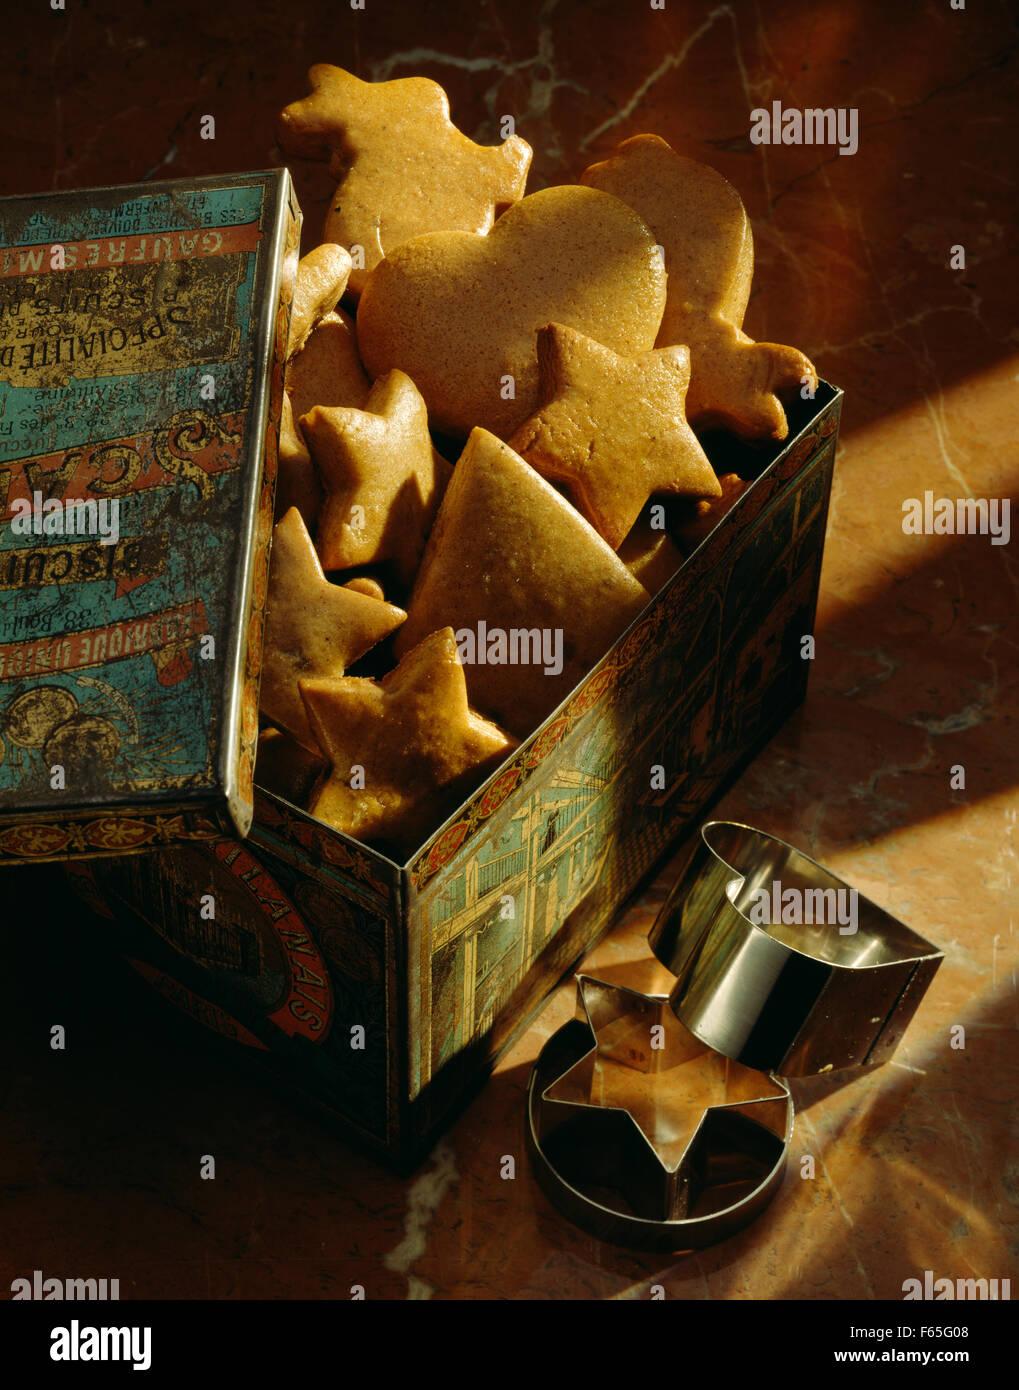 Shortbread galletas de Navidad Foto de stock